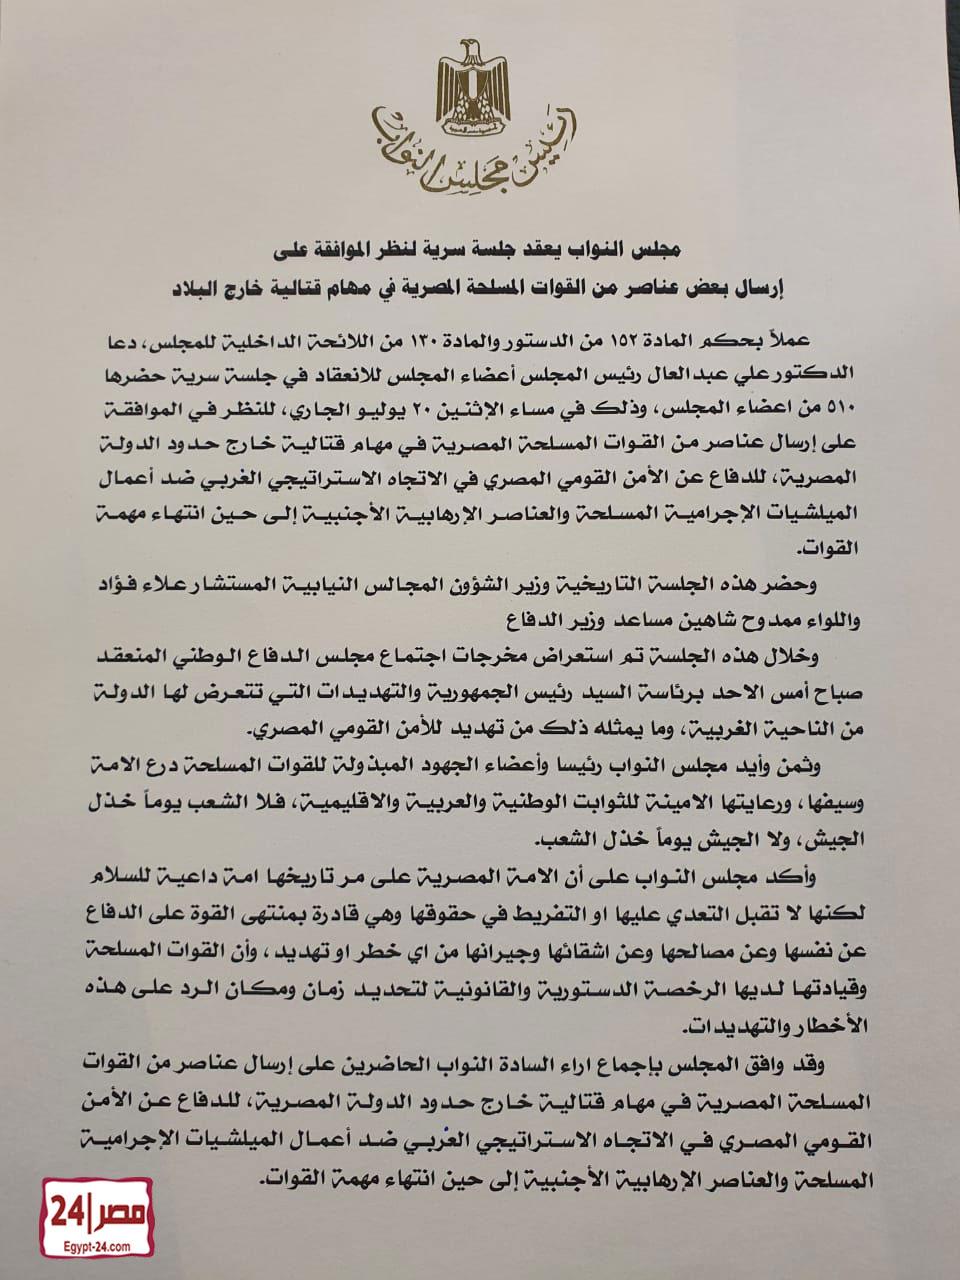 عاجل   مجلس النواب المصرى يوافق على إرسال عناصر من القوات المسلحة في مهام قتالية خارج حدود الدولة